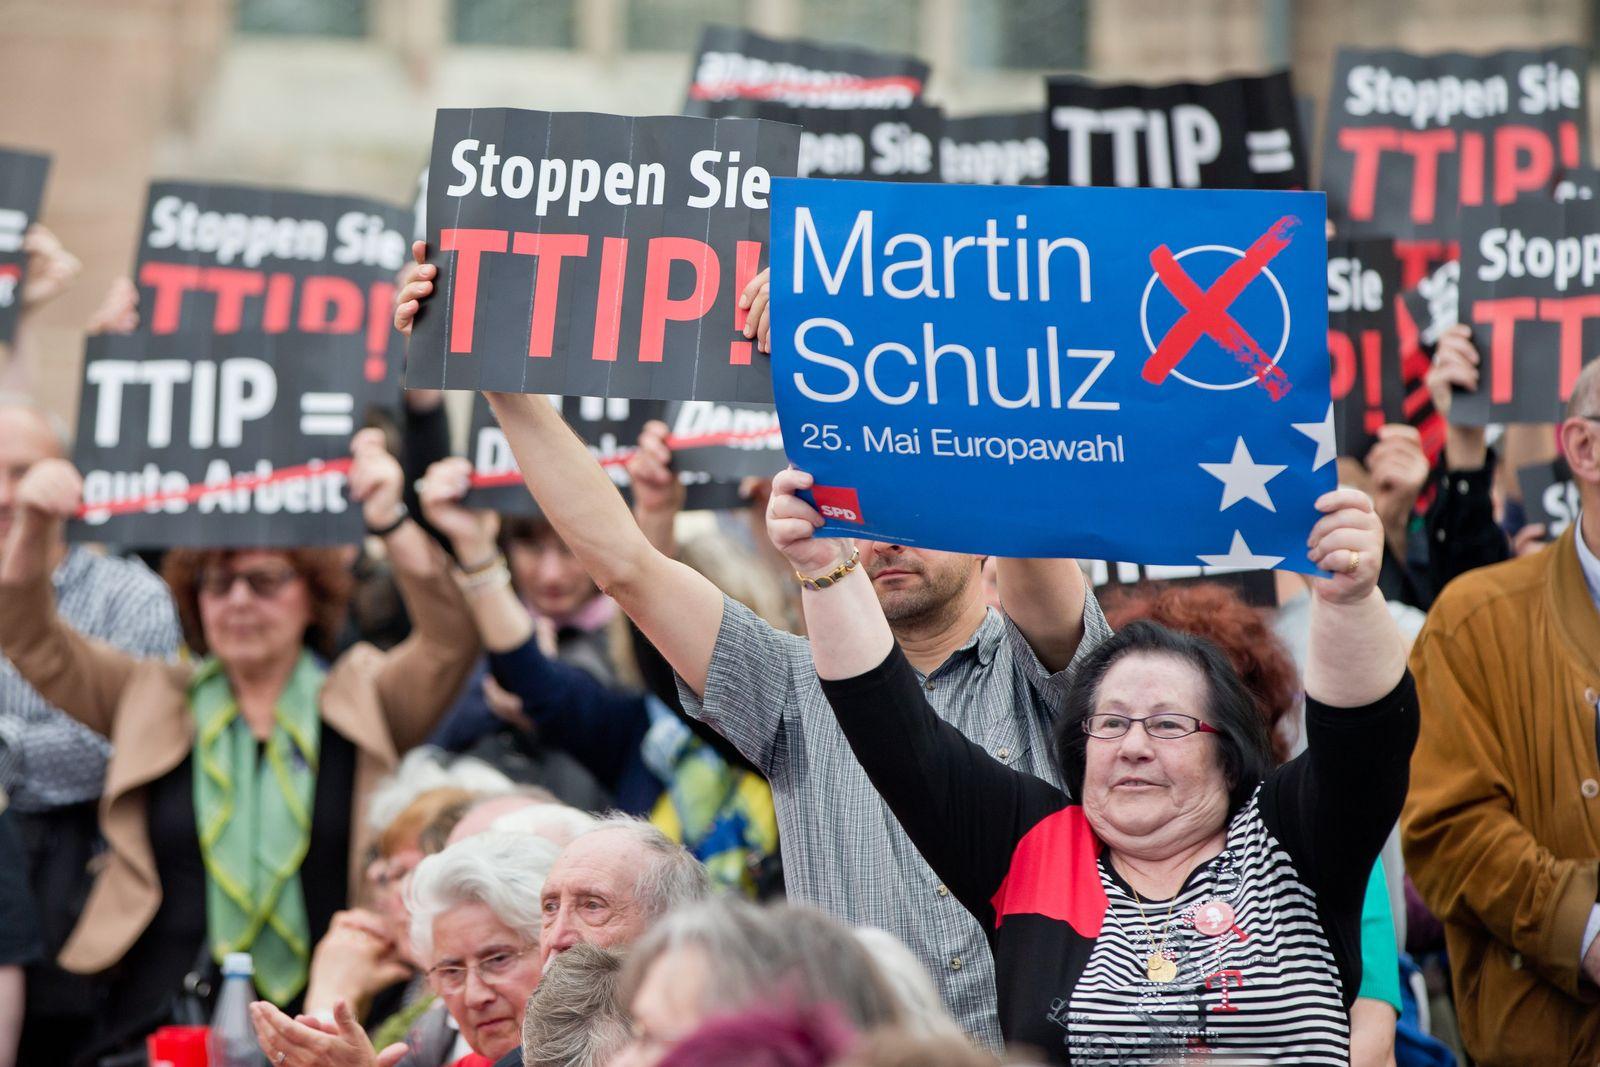 Europawahlkampf - Martin Schulz in Nürnberg